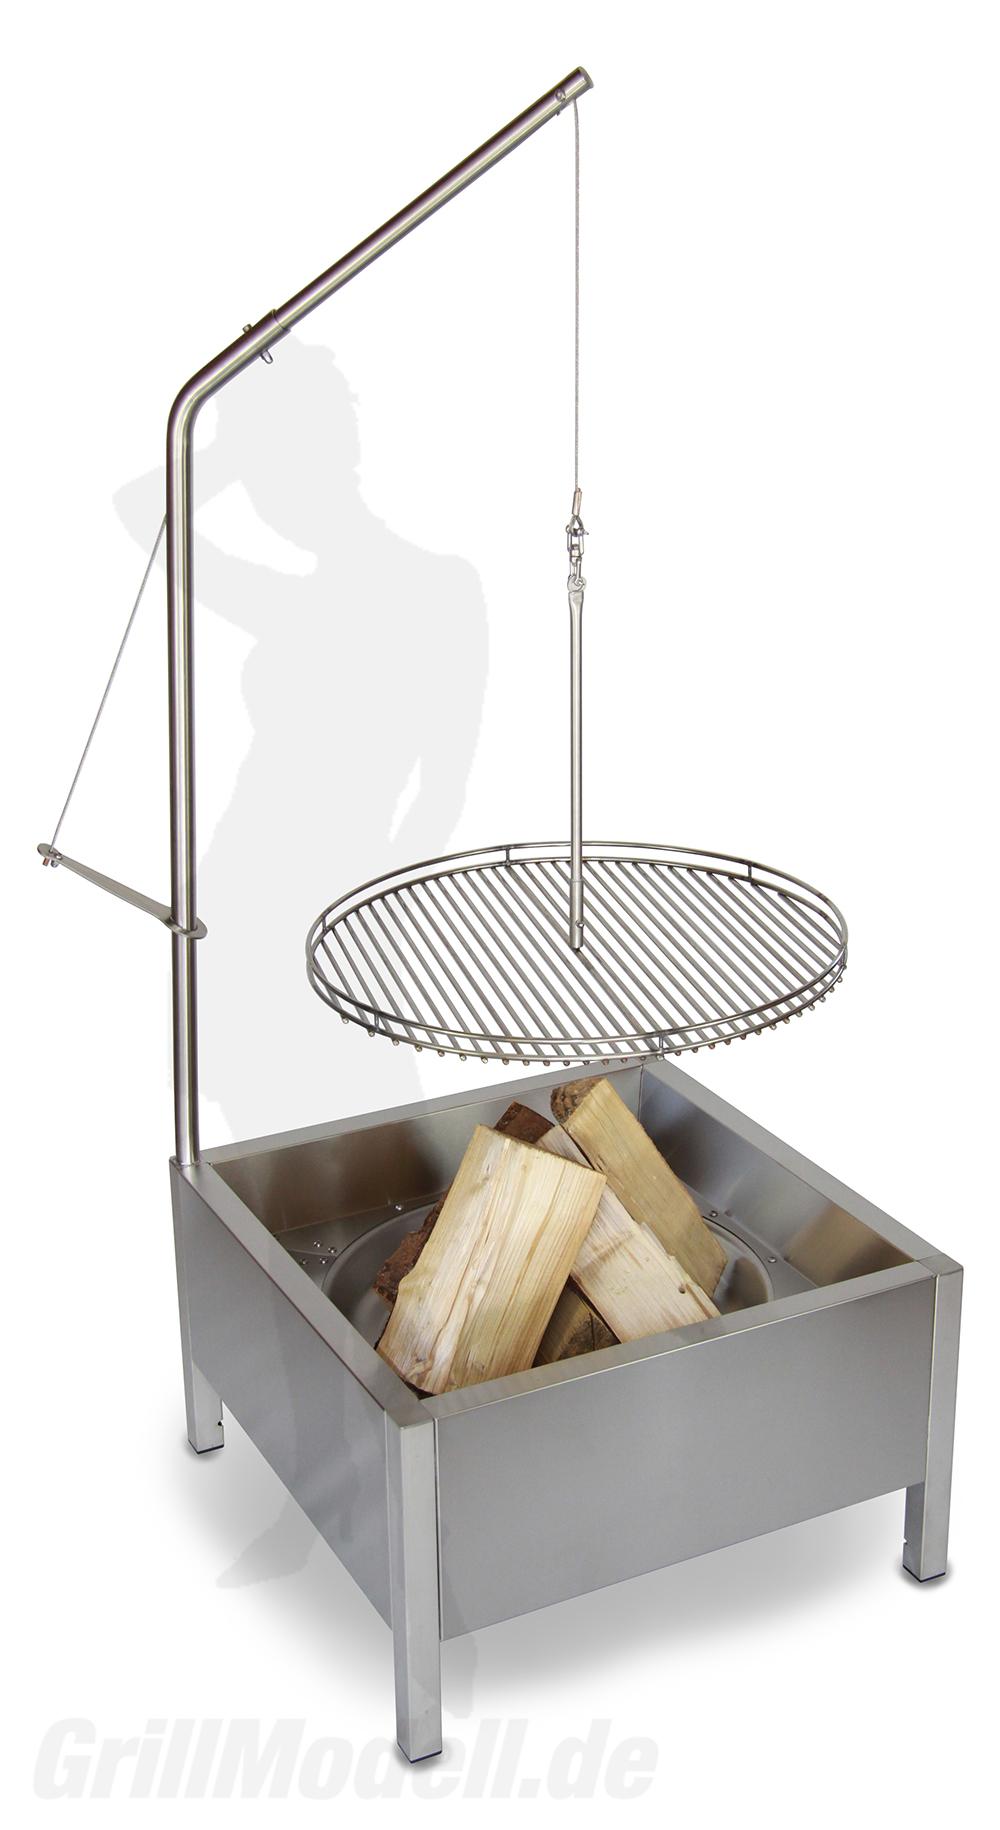 Schwenkgrill aus Edelstahl für Holzkohle und Echtholz 650